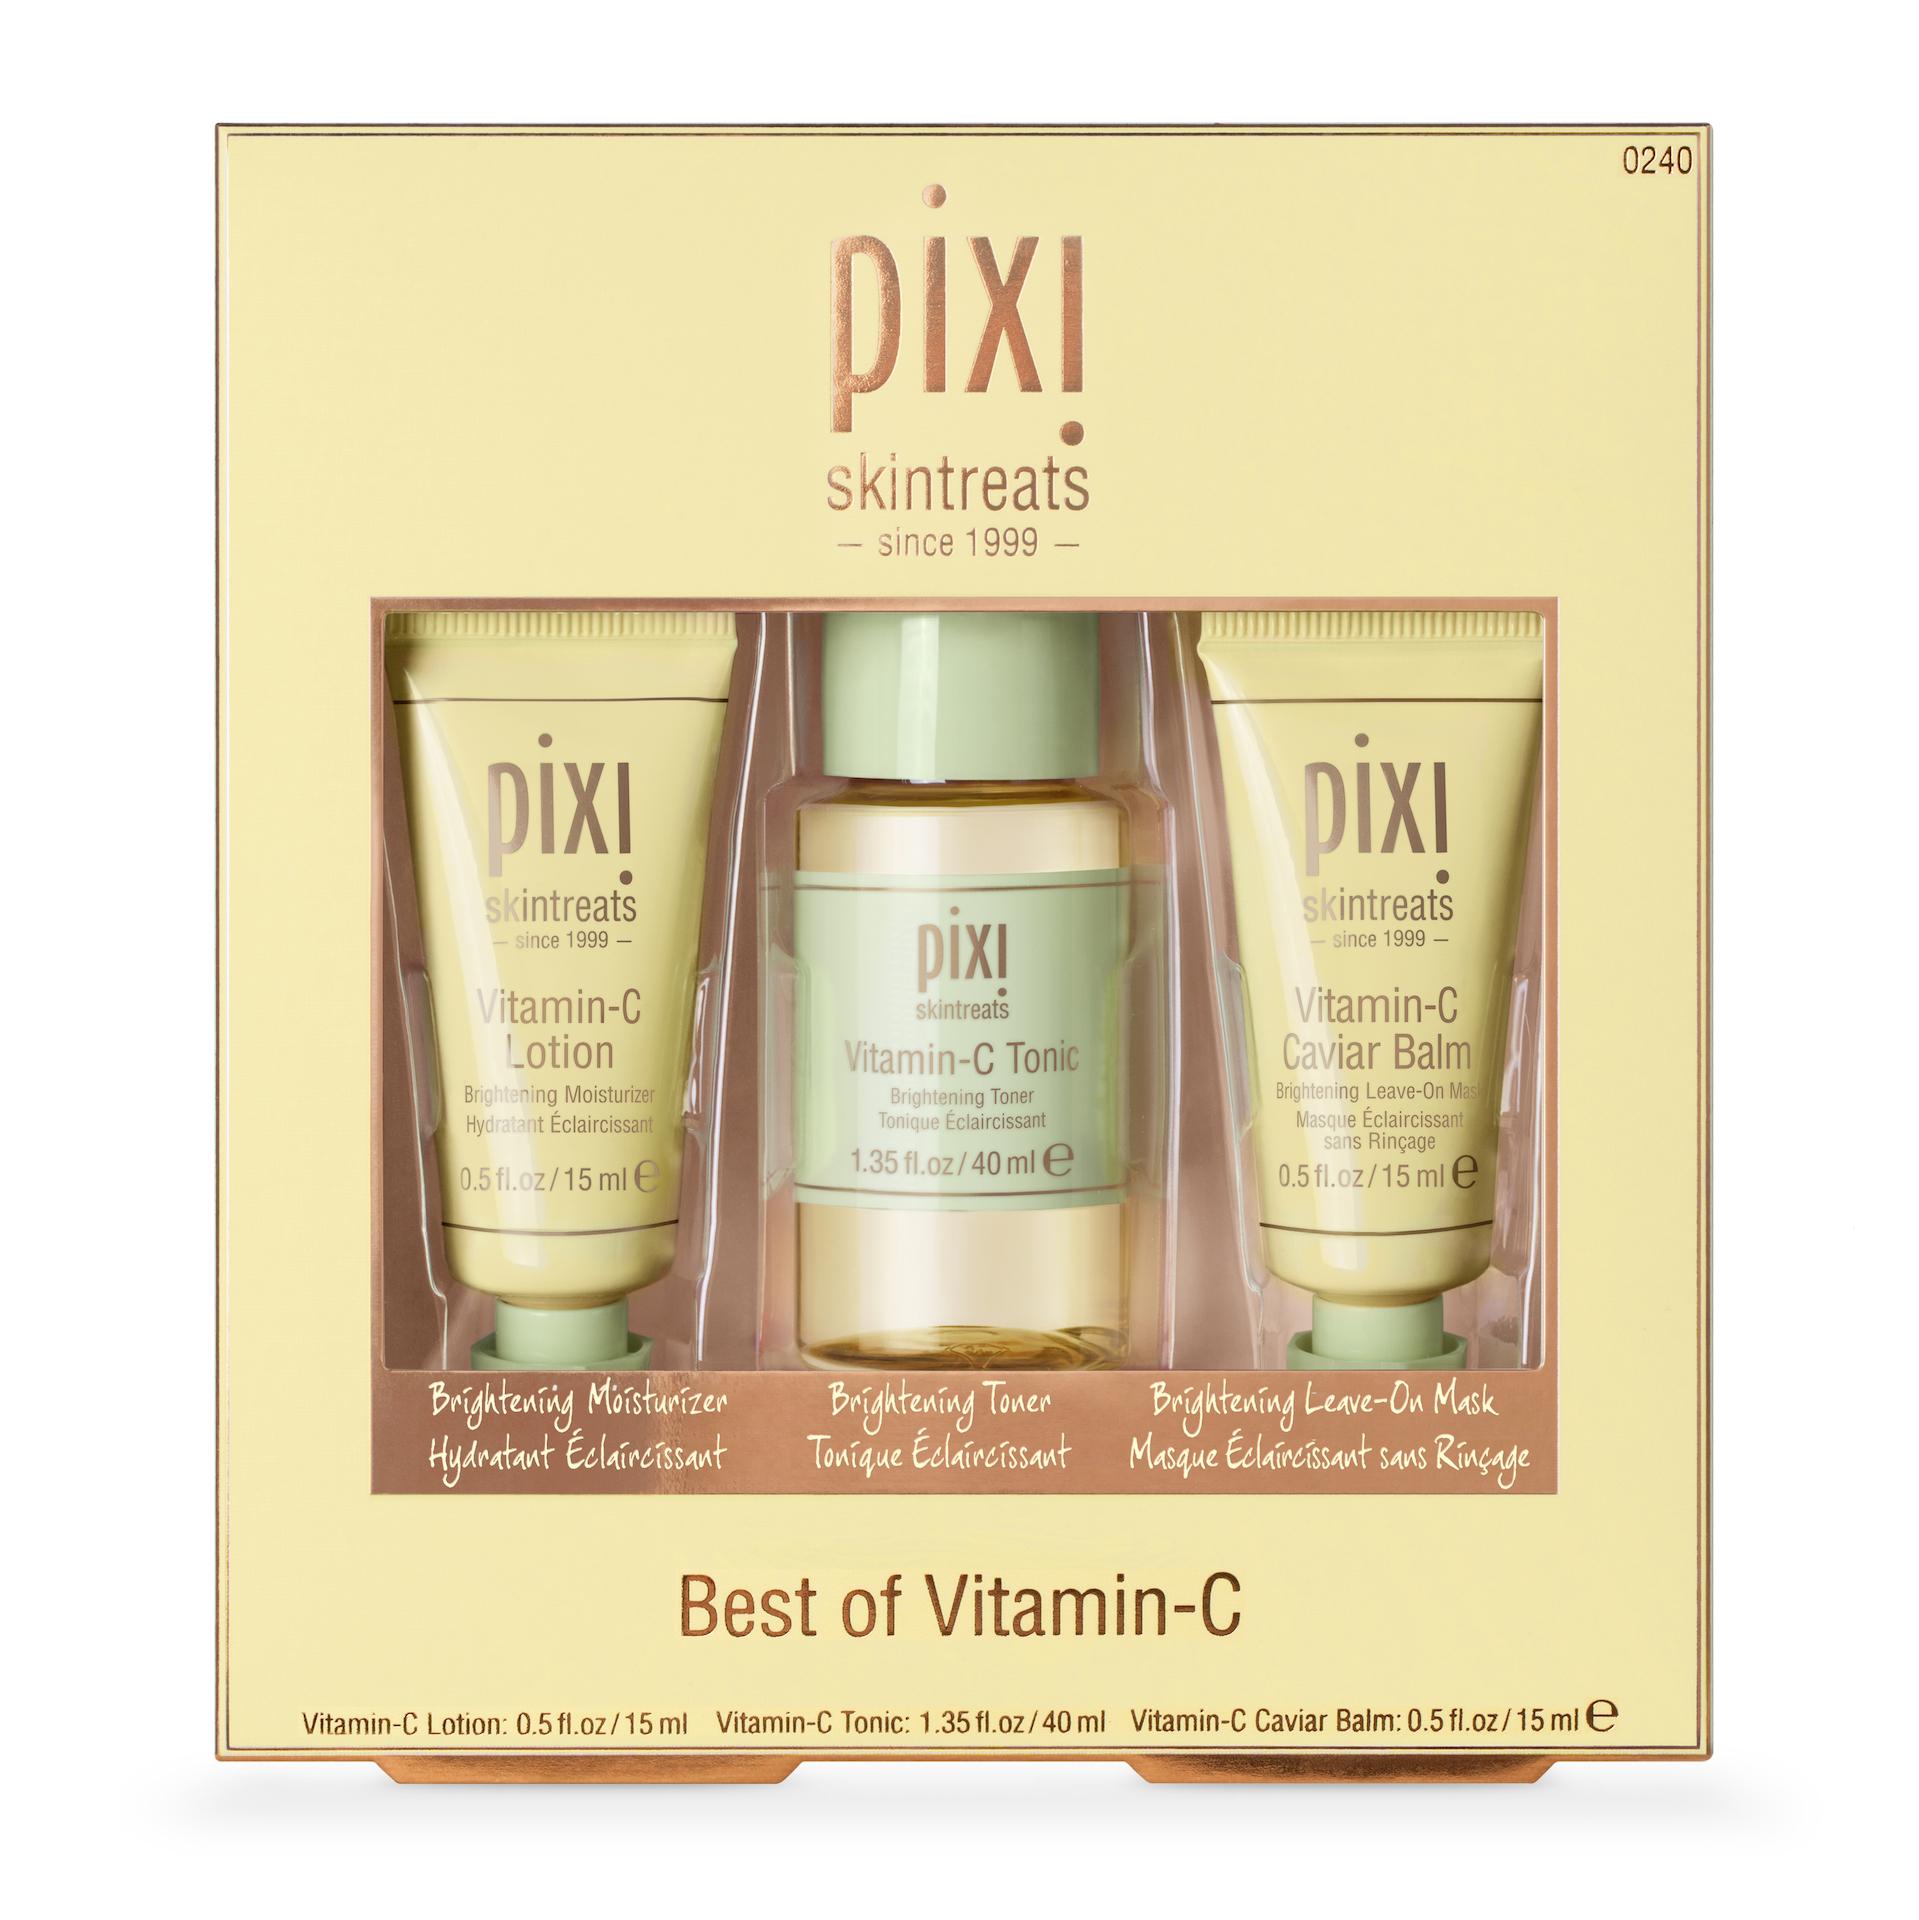 Best Of Vitamin-C Face Kit 15ml